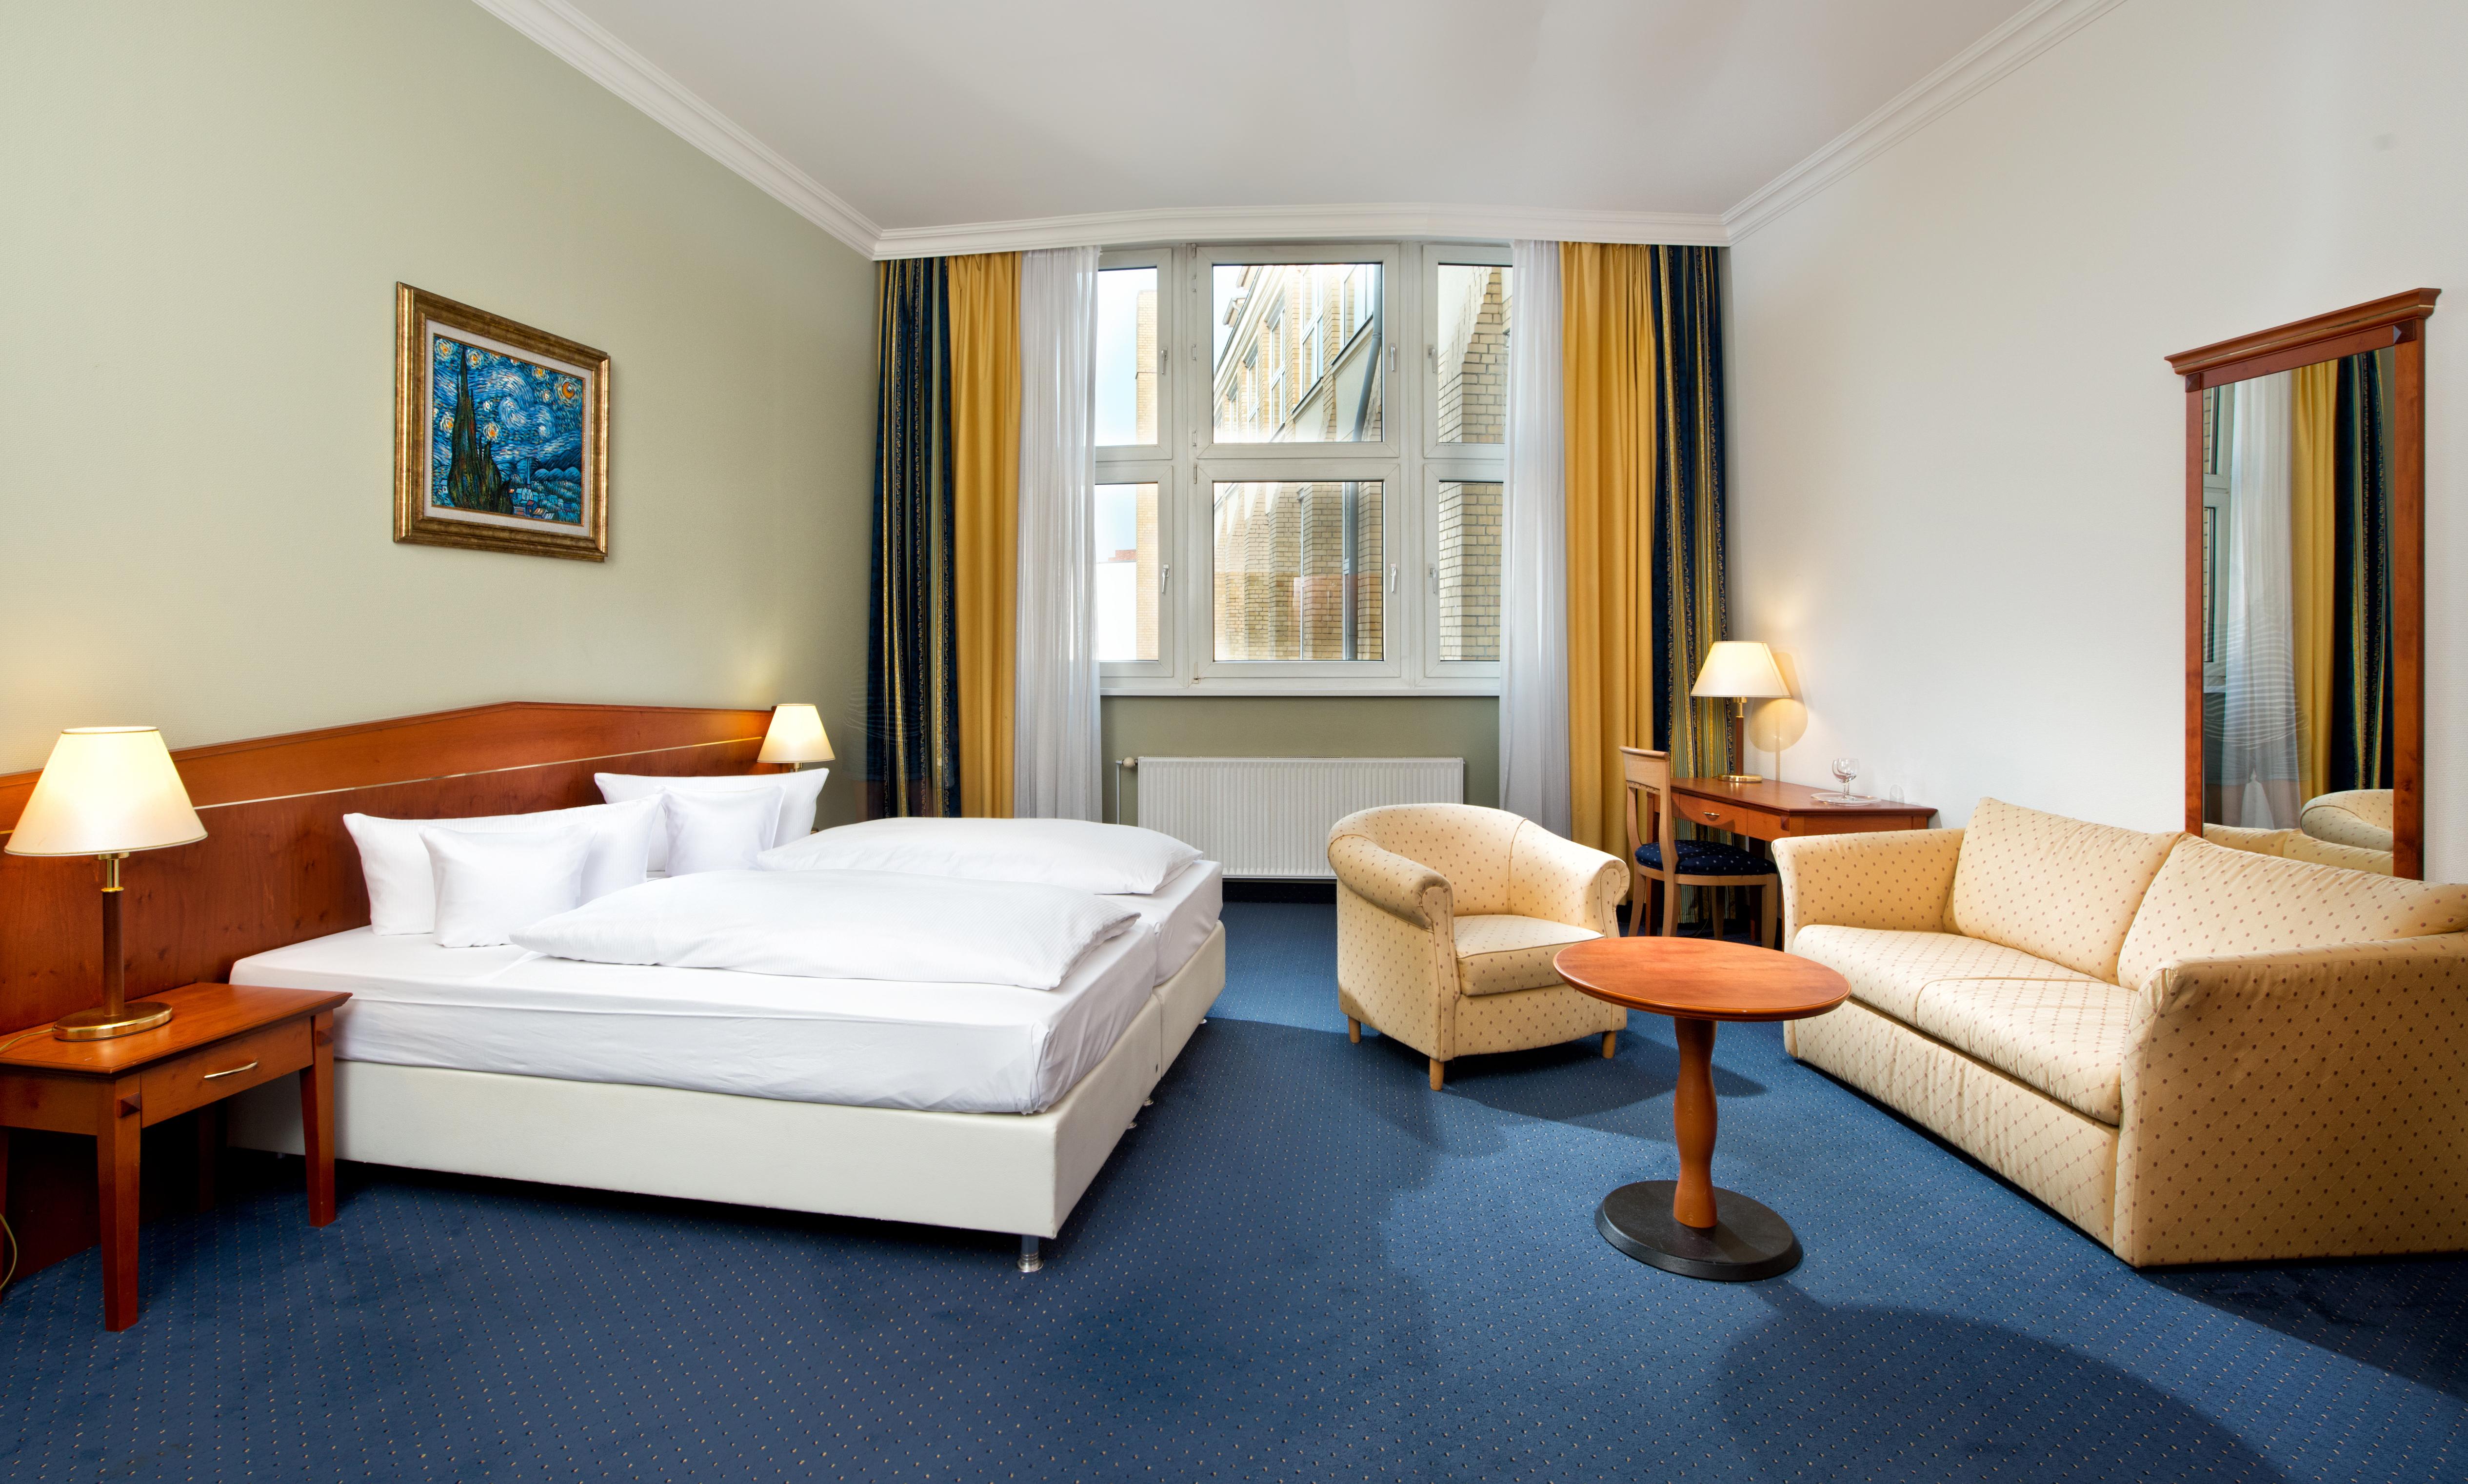 Hotelzimmer berlin mitte wyndham garden berlin mitte hotel for Zimmer berlin